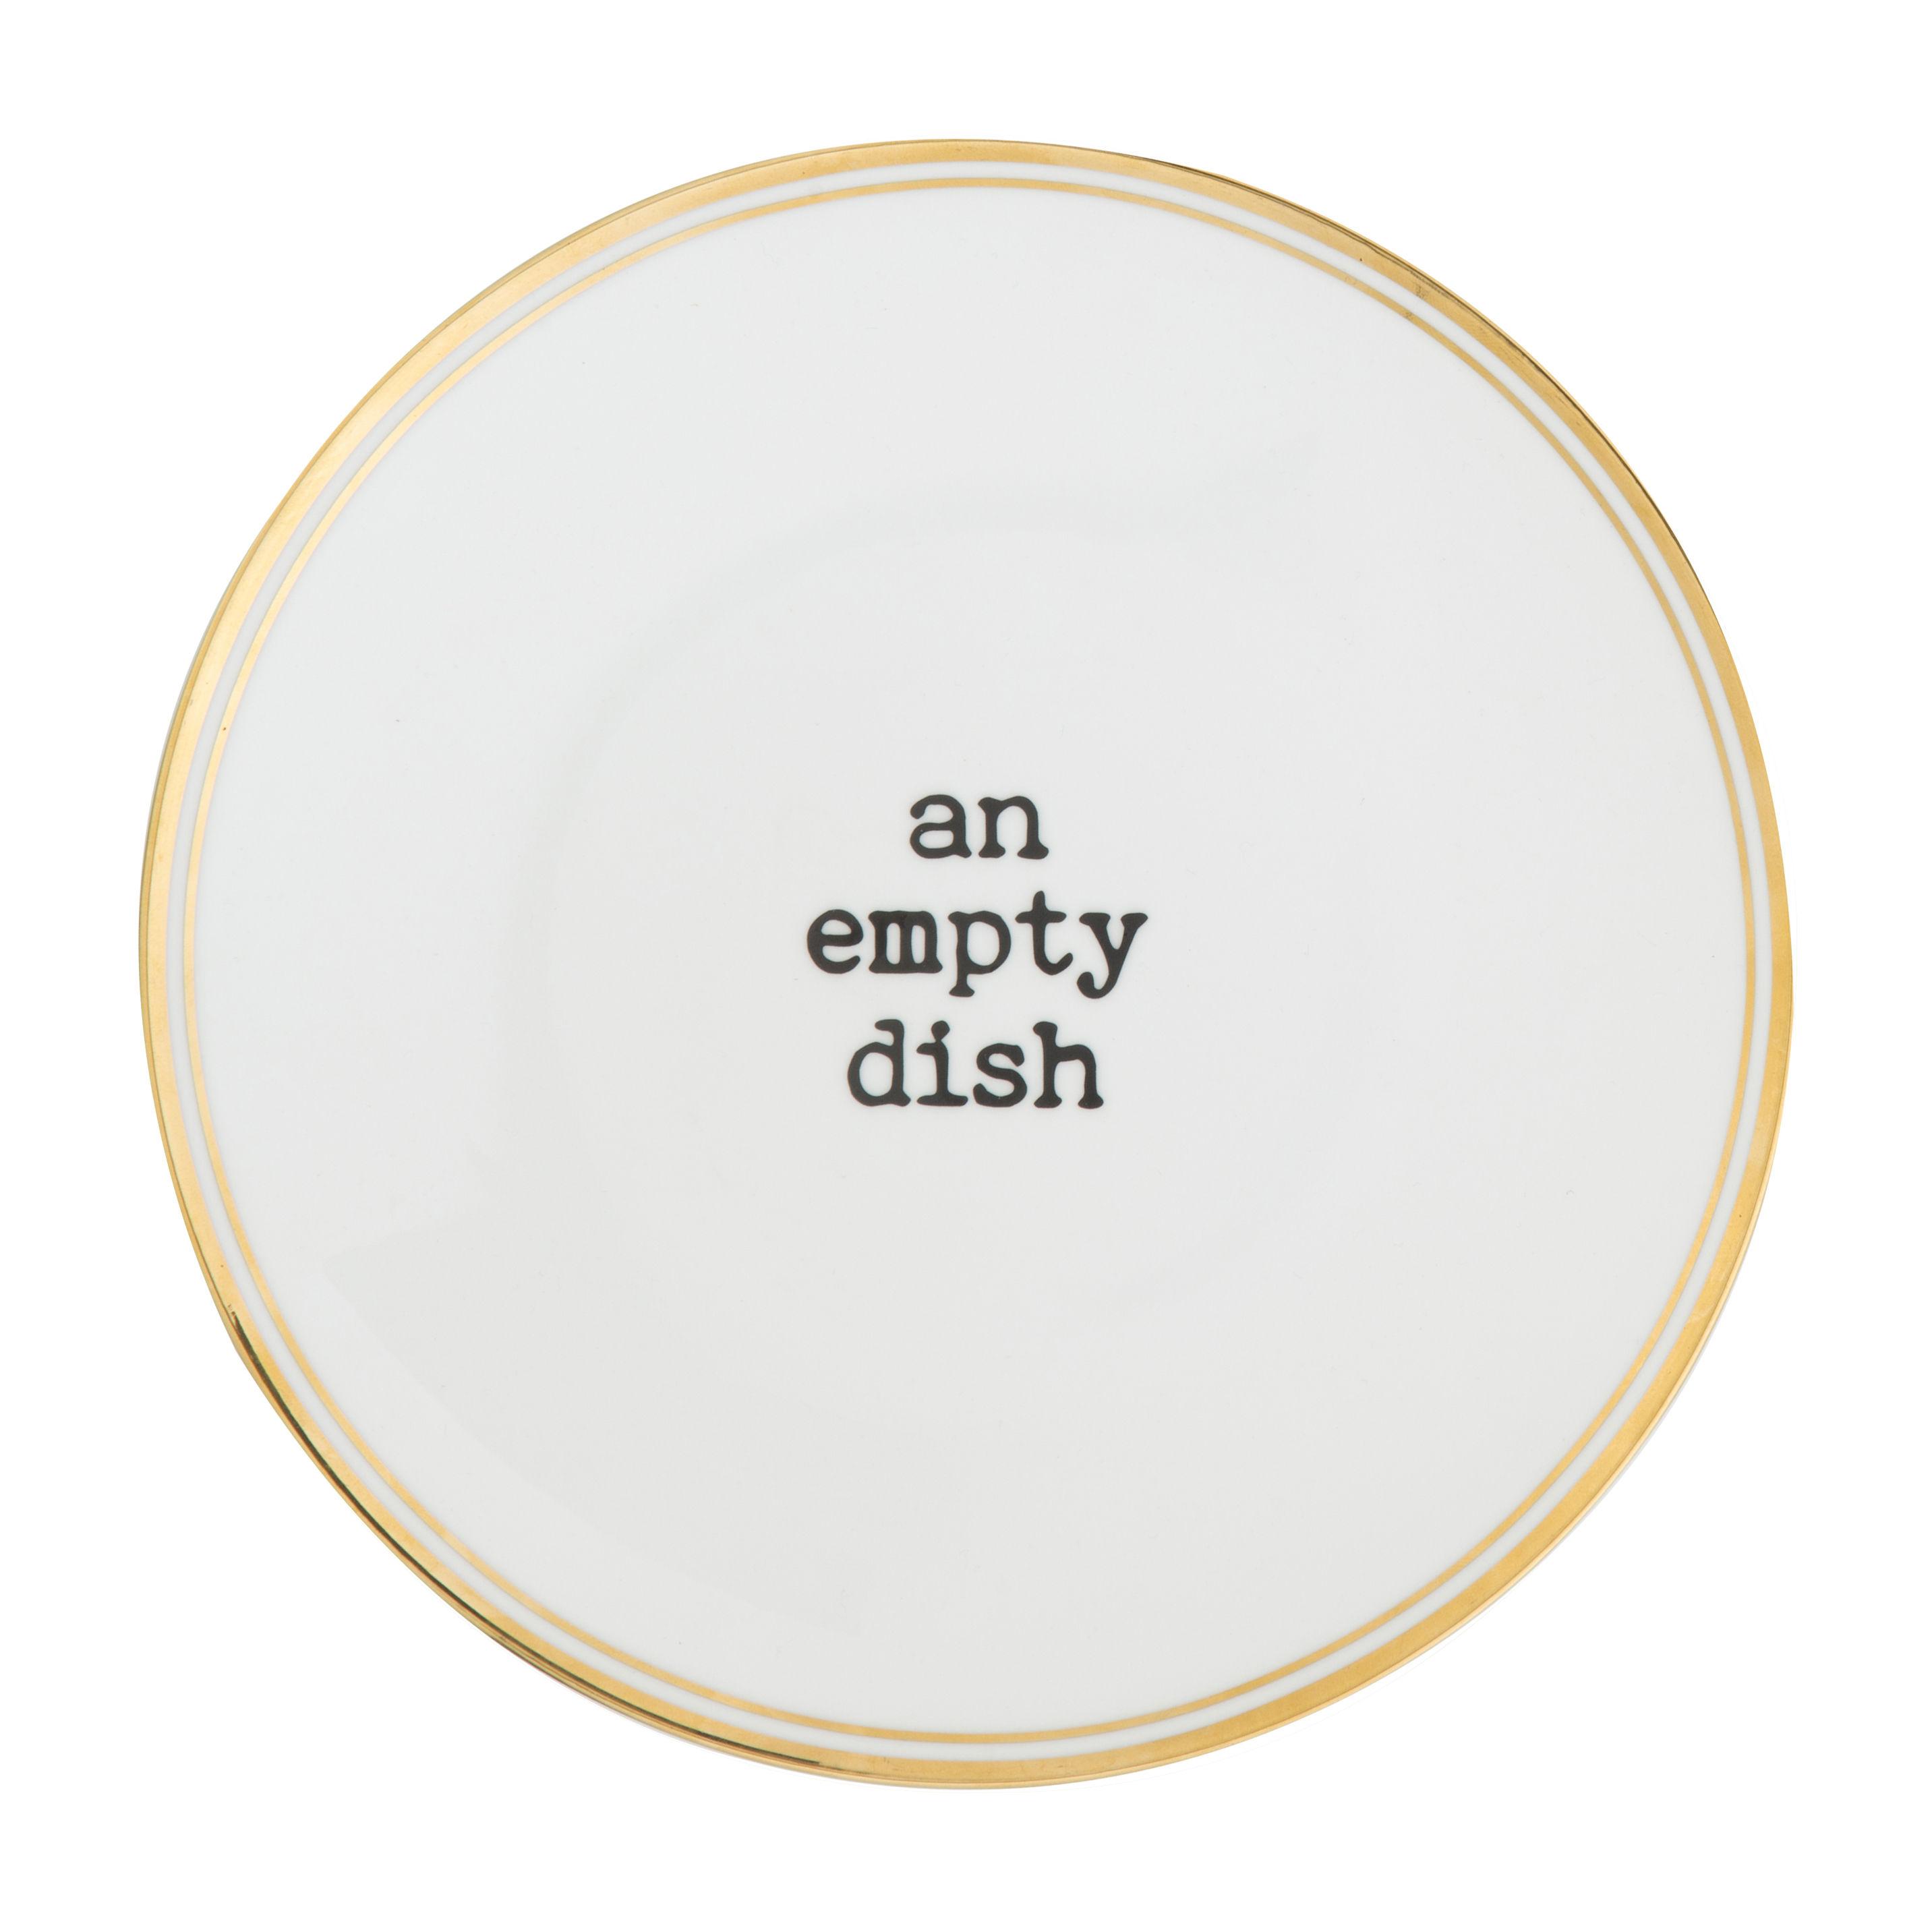 Tavola - Piatti  - Piatto An empty dish - / Ø 22 cm di Bitossi Home - Empty dish - Porcellana